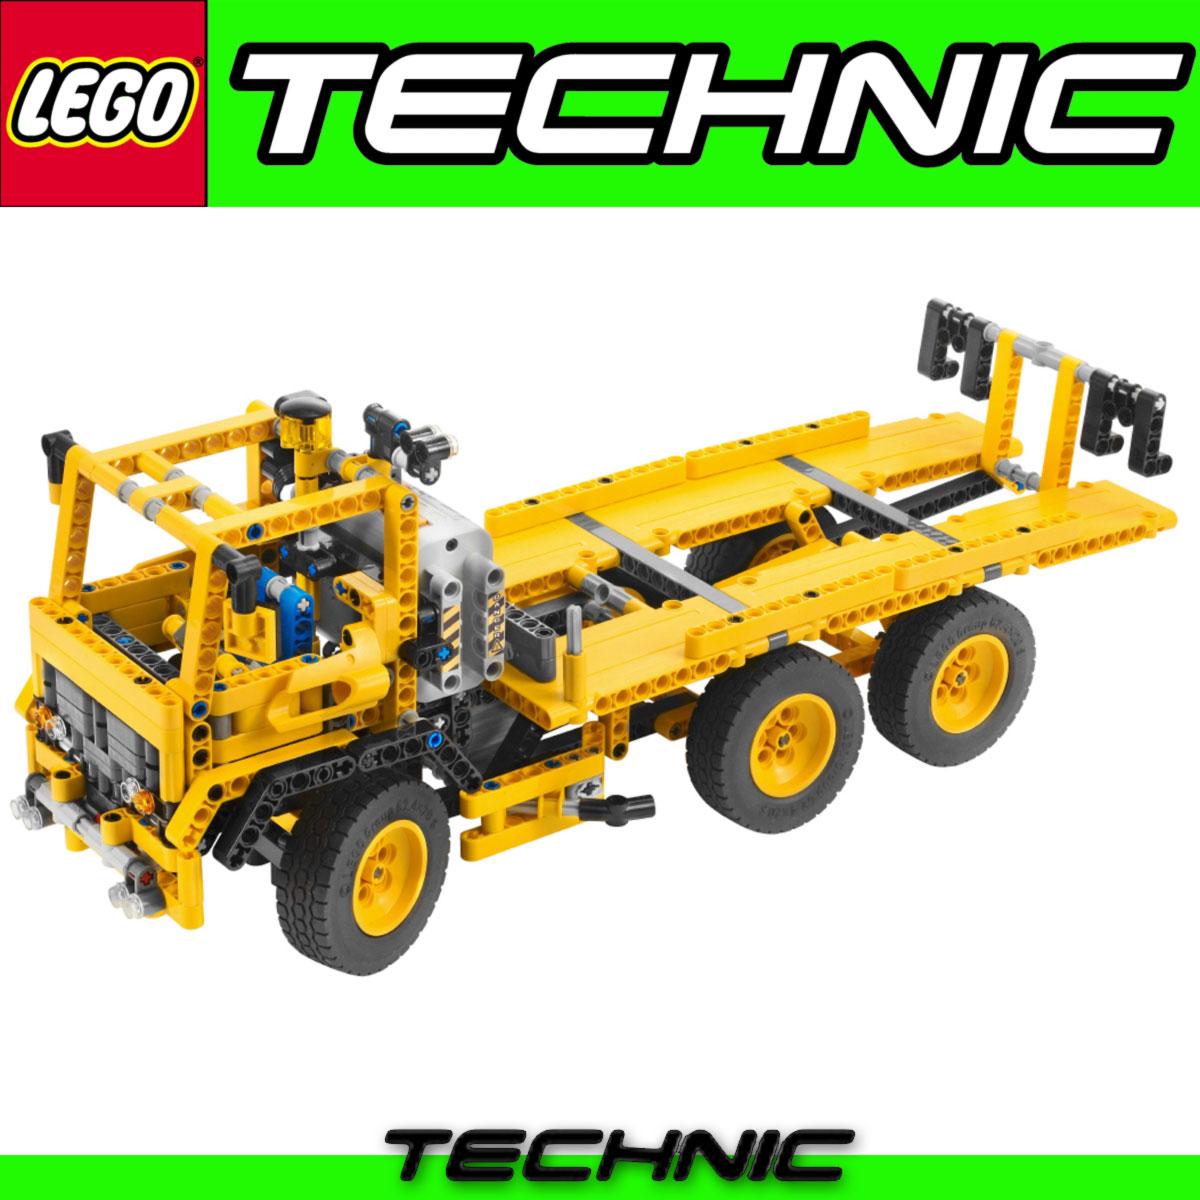 camion con rimorchio snodato lego technic nuovo 8264 rimorchio e duracell gratis ebay. Black Bedroom Furniture Sets. Home Design Ideas